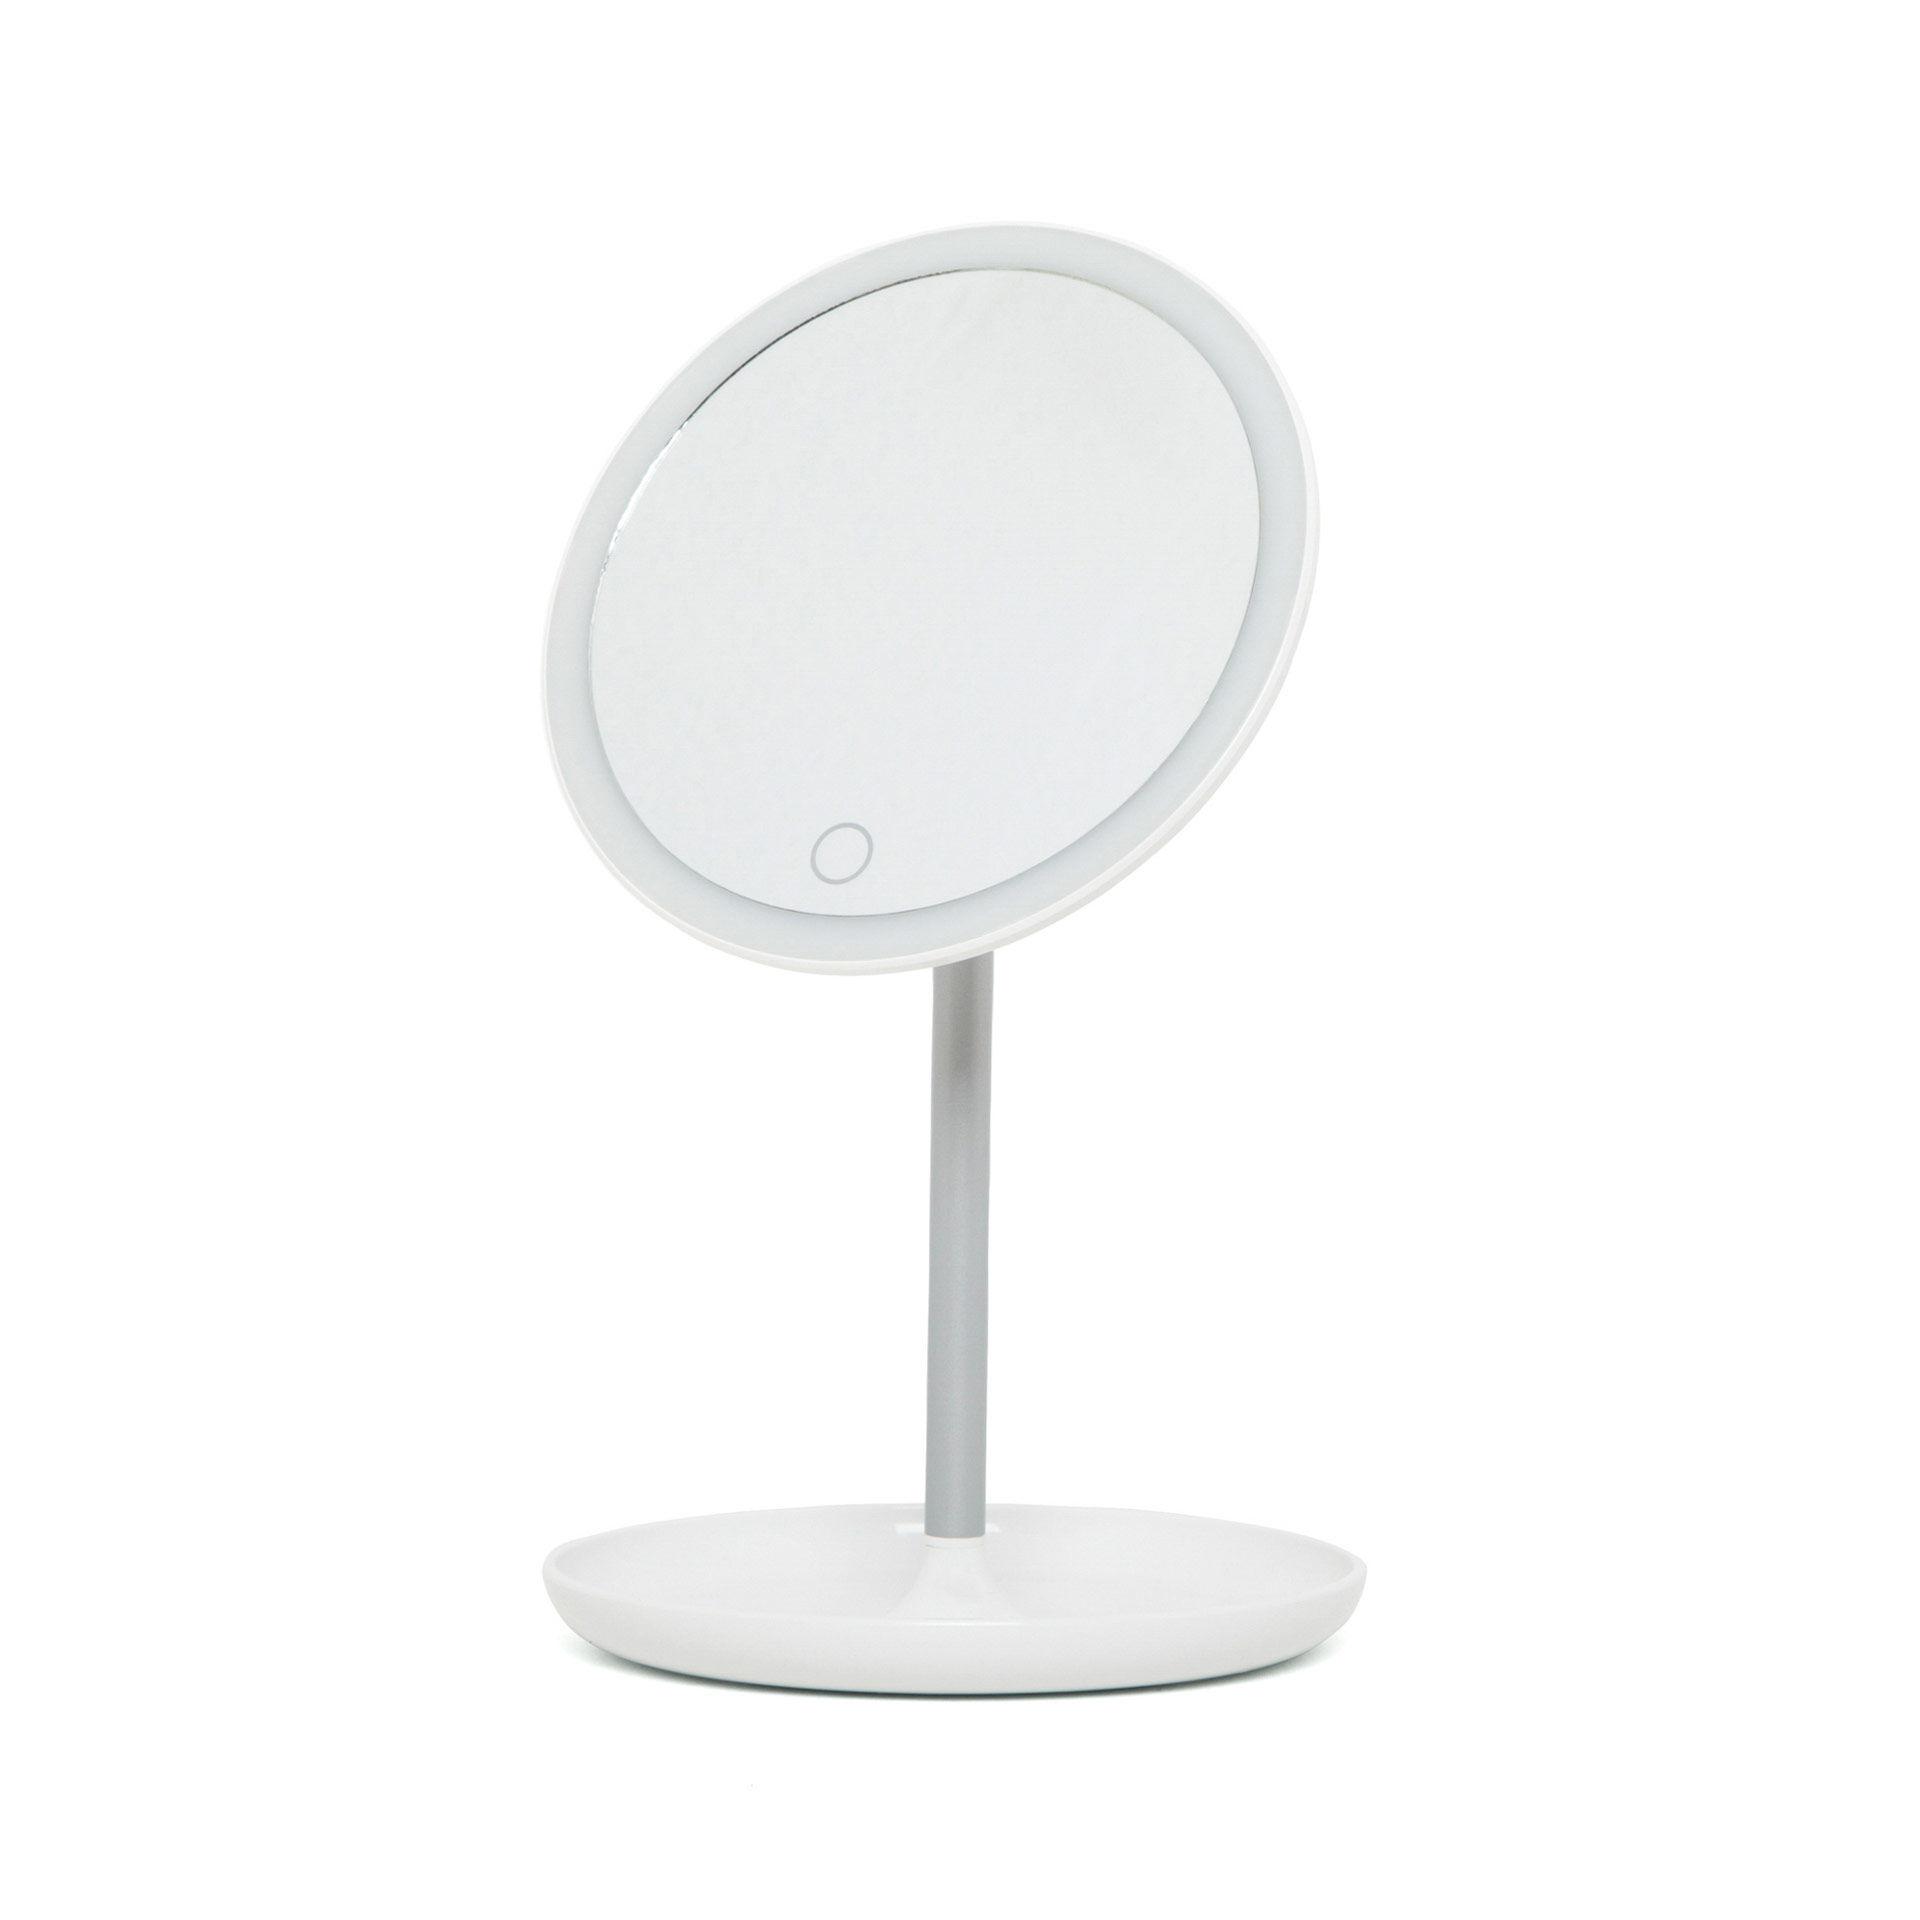 Miroir avec cadre lumineux LED et base porte-bijoux - Rond, , large